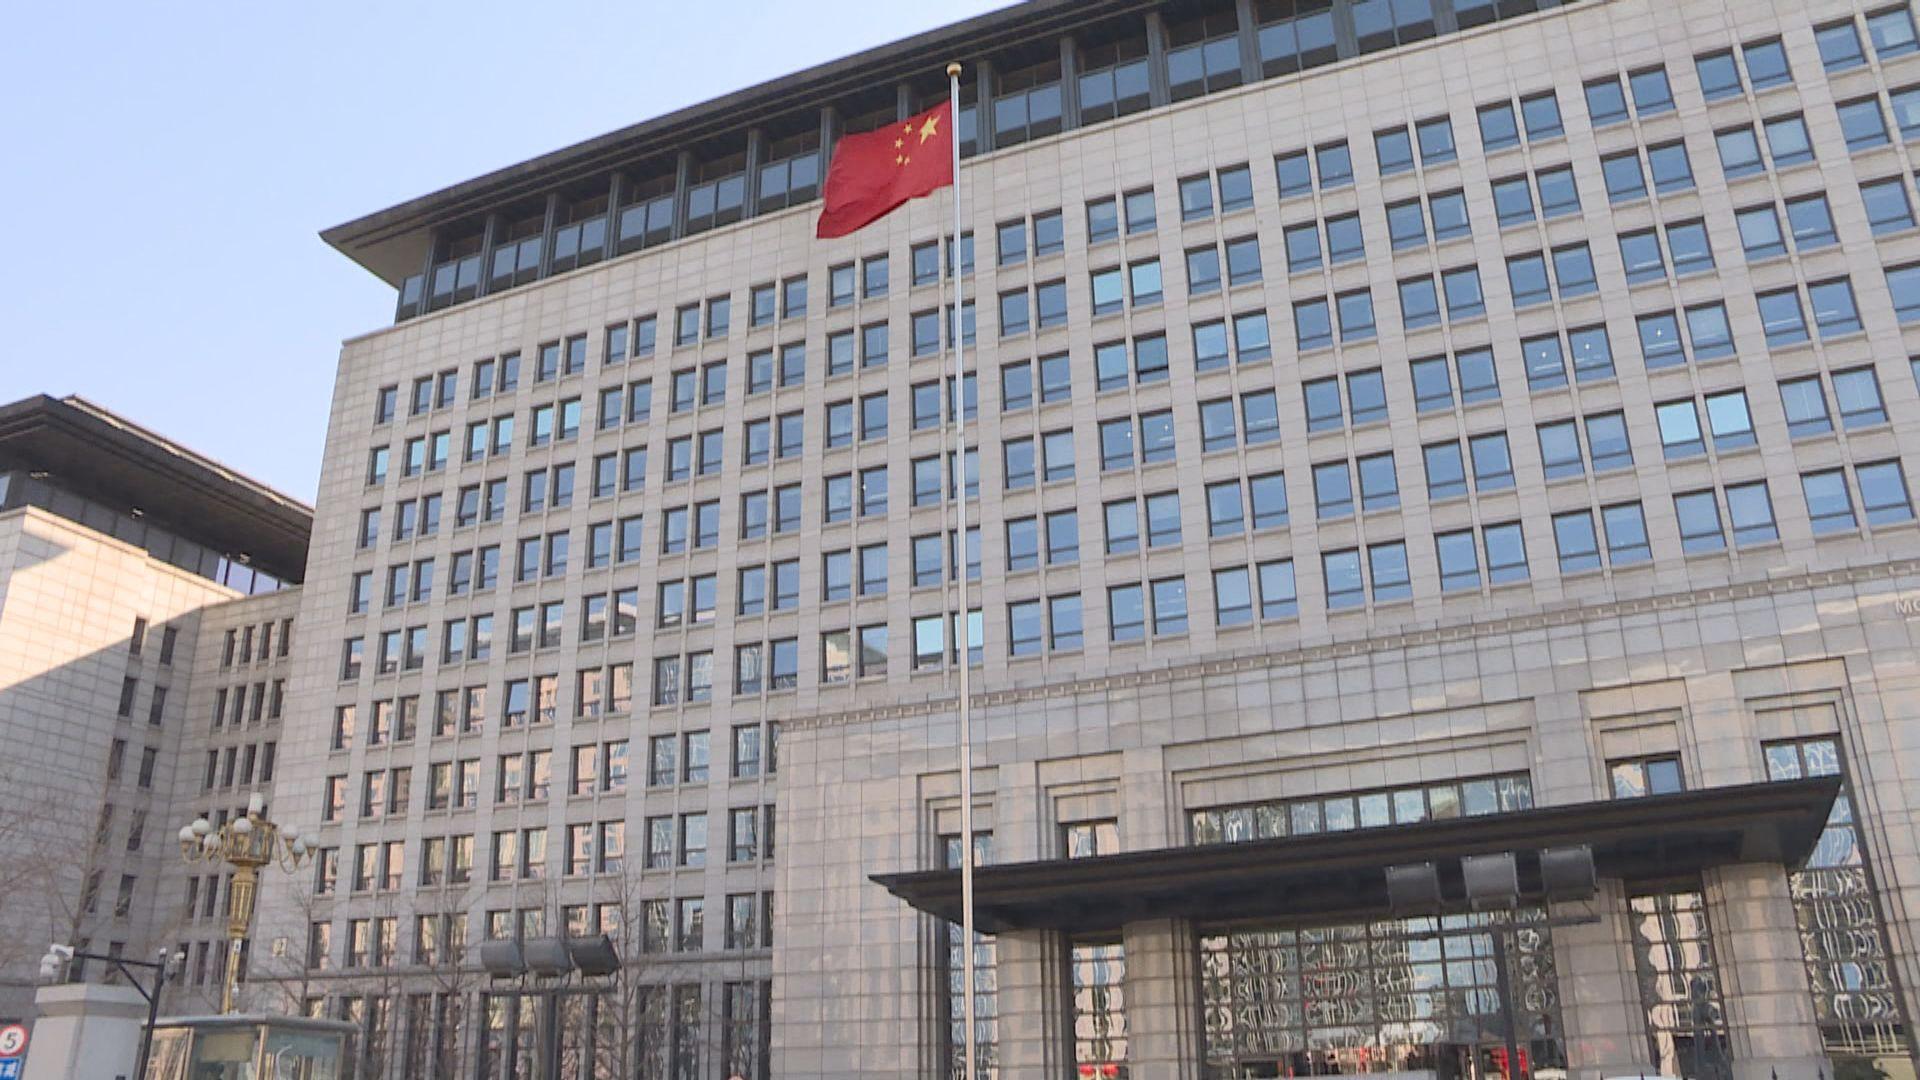 美禁TikTok及WeChat 中方警告將採必要措施維護企業合法權益